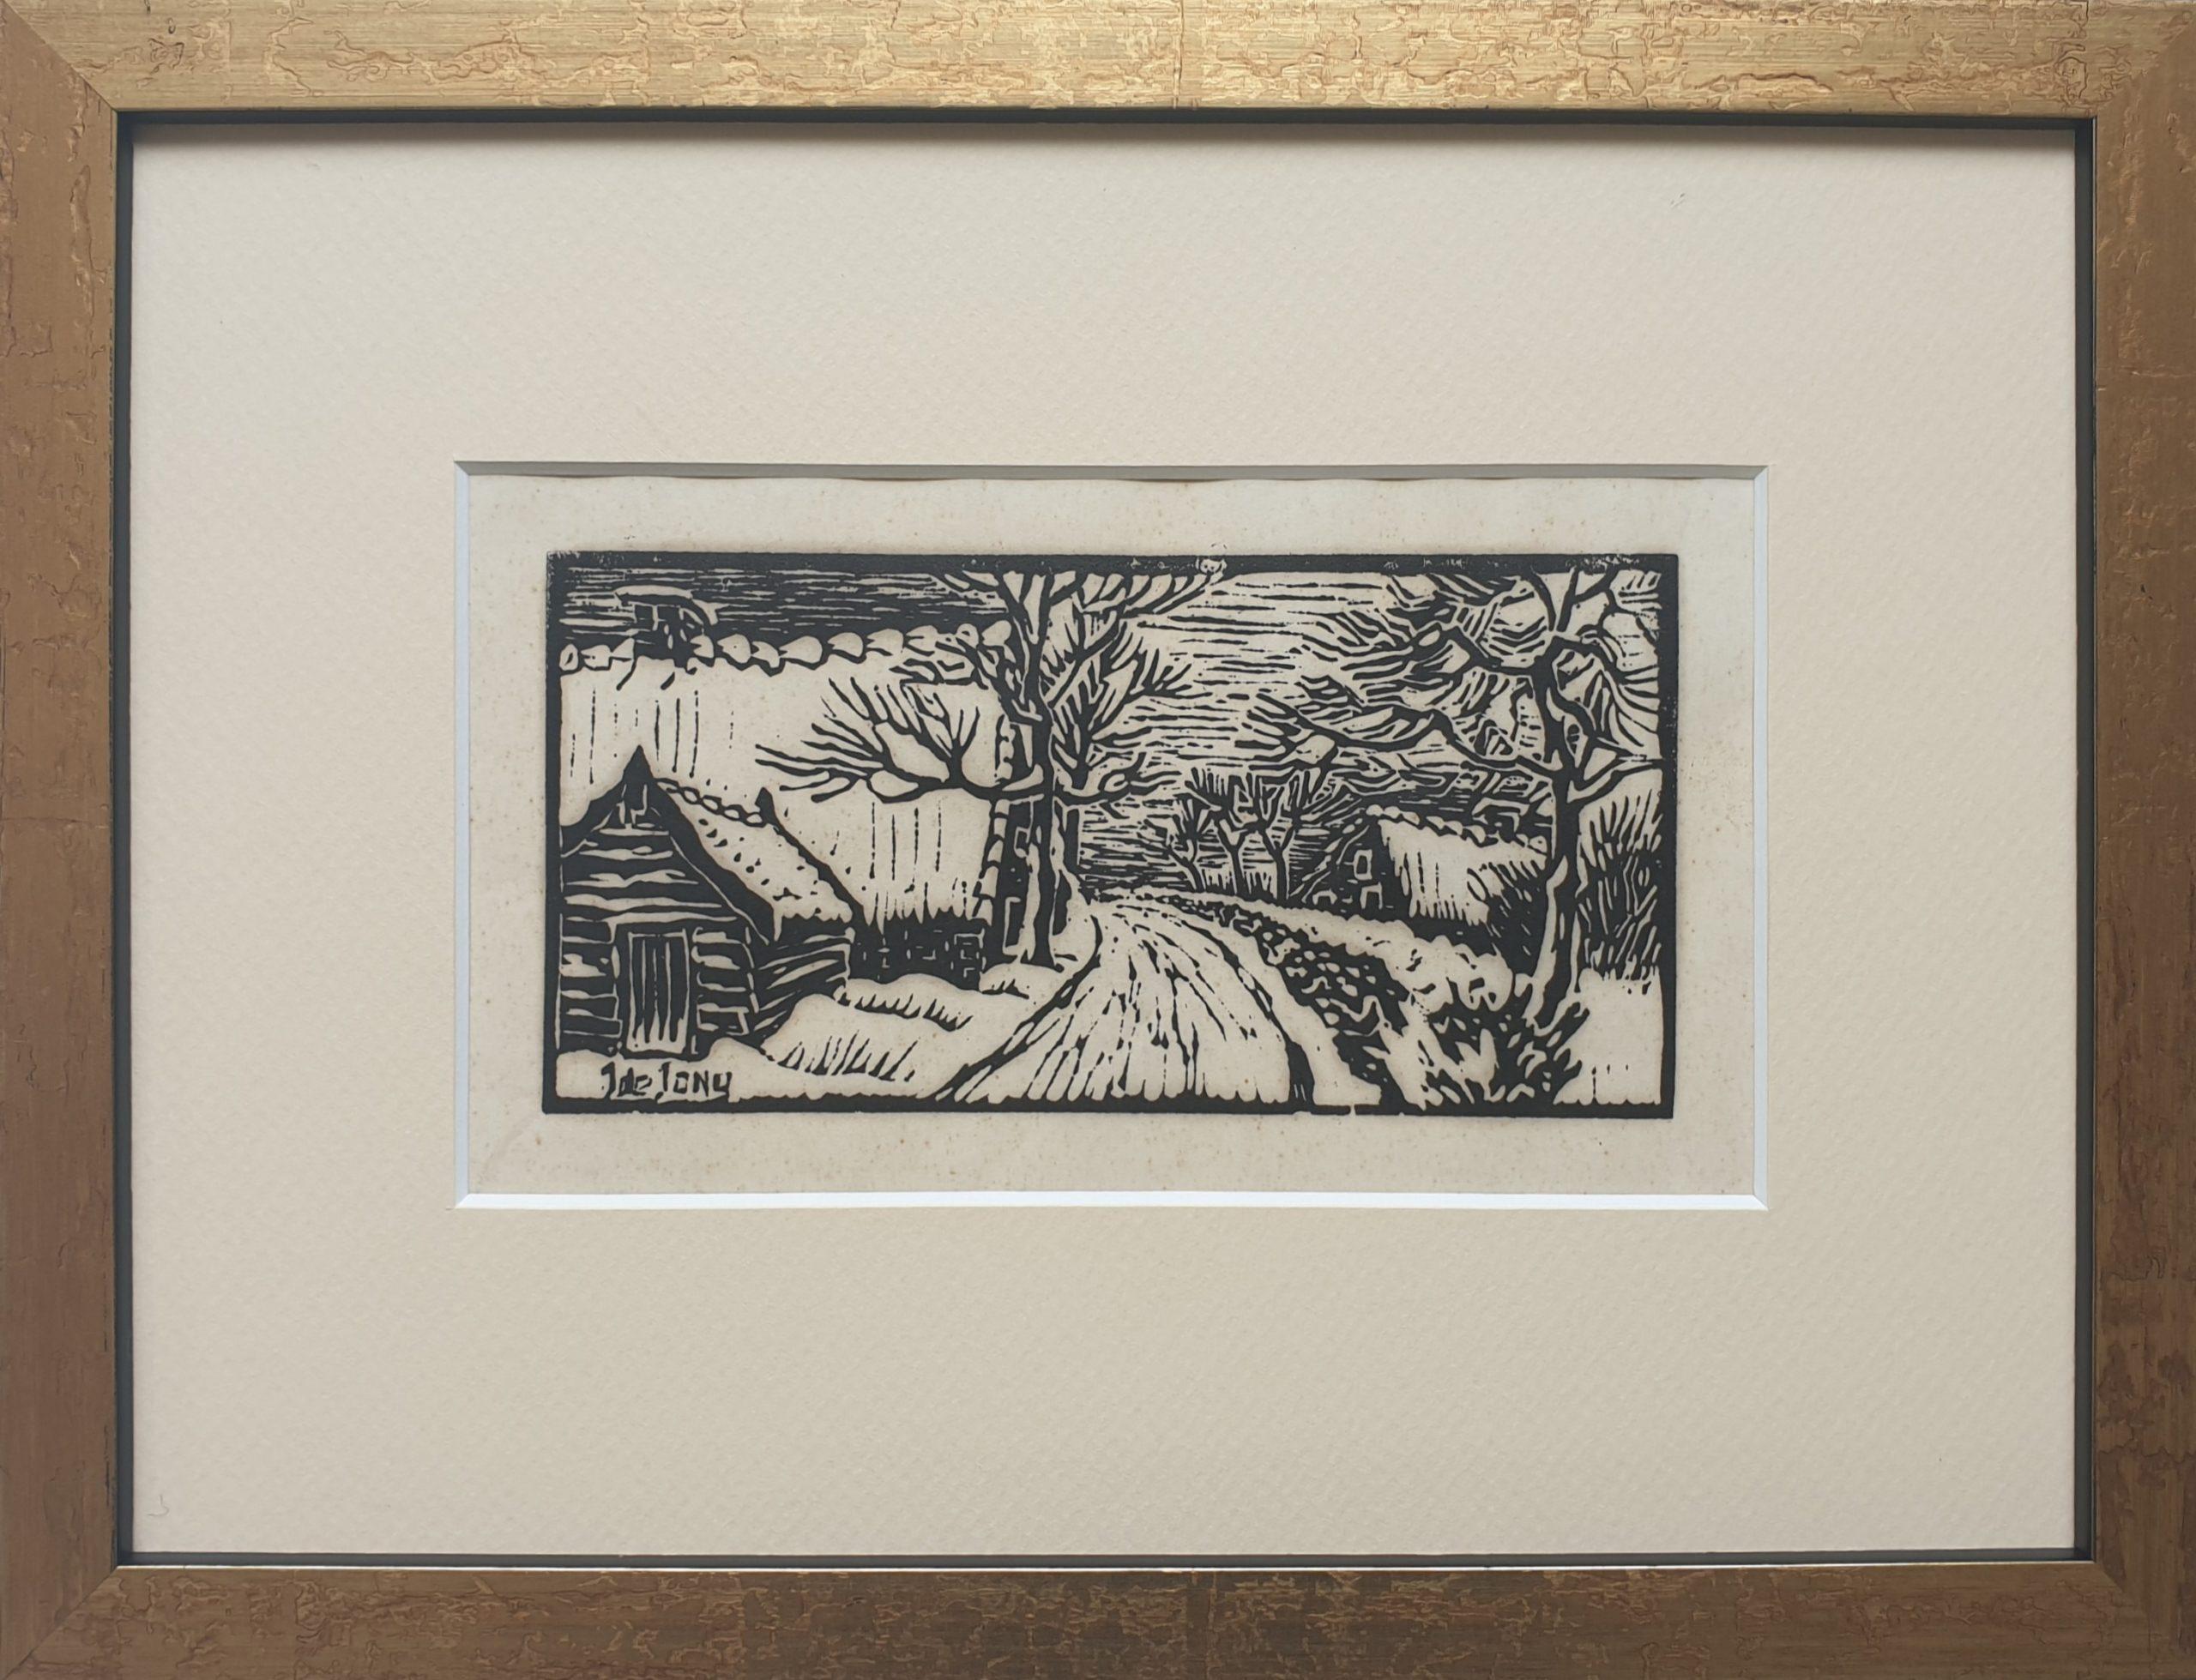 j de jong houtsnede houtdruk j de jons handdruk laantje boerderijen grafiek skoander.com